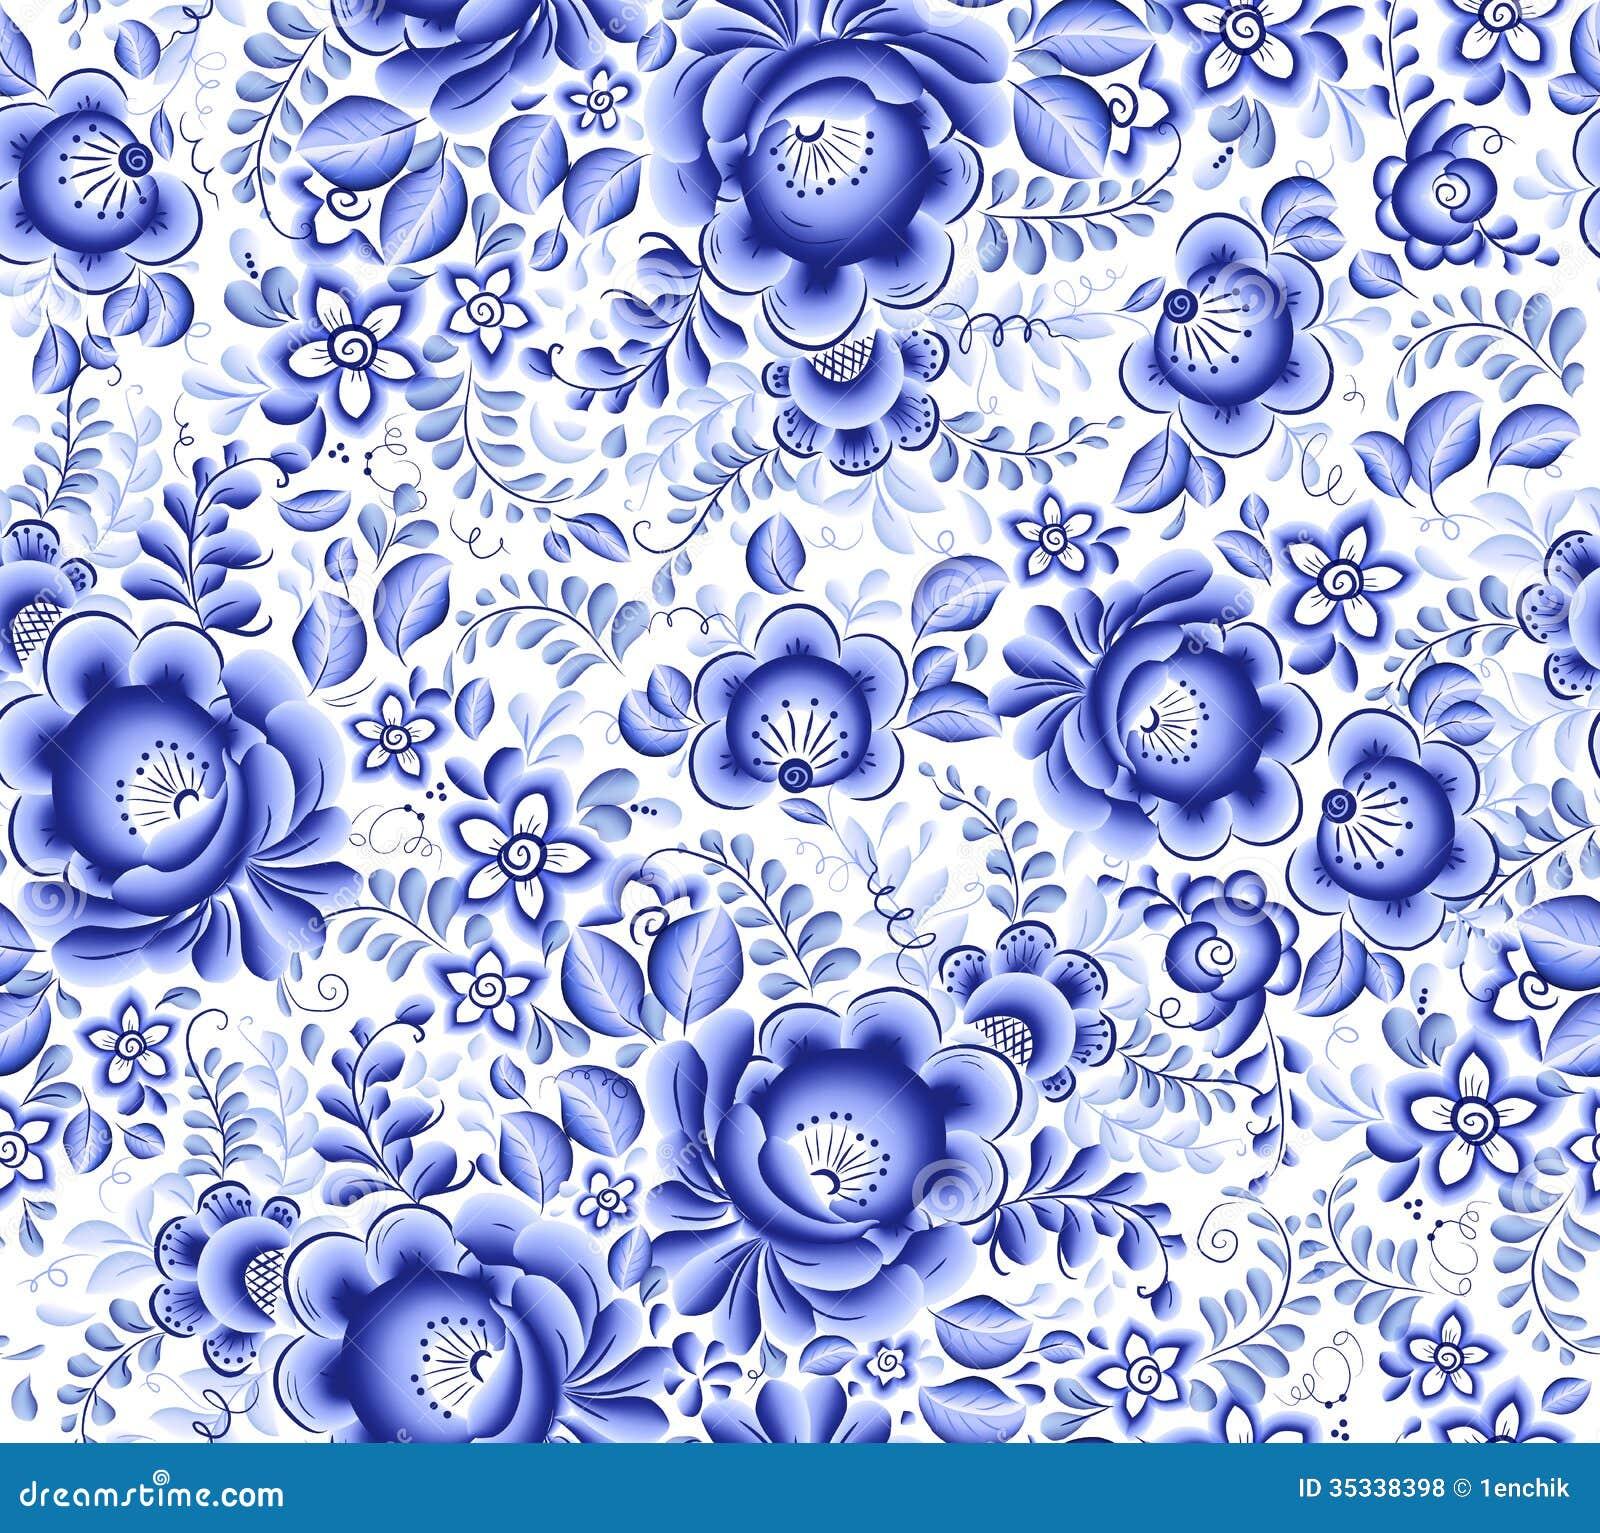 Modèle sans couture de vecteur floral bleu de textile